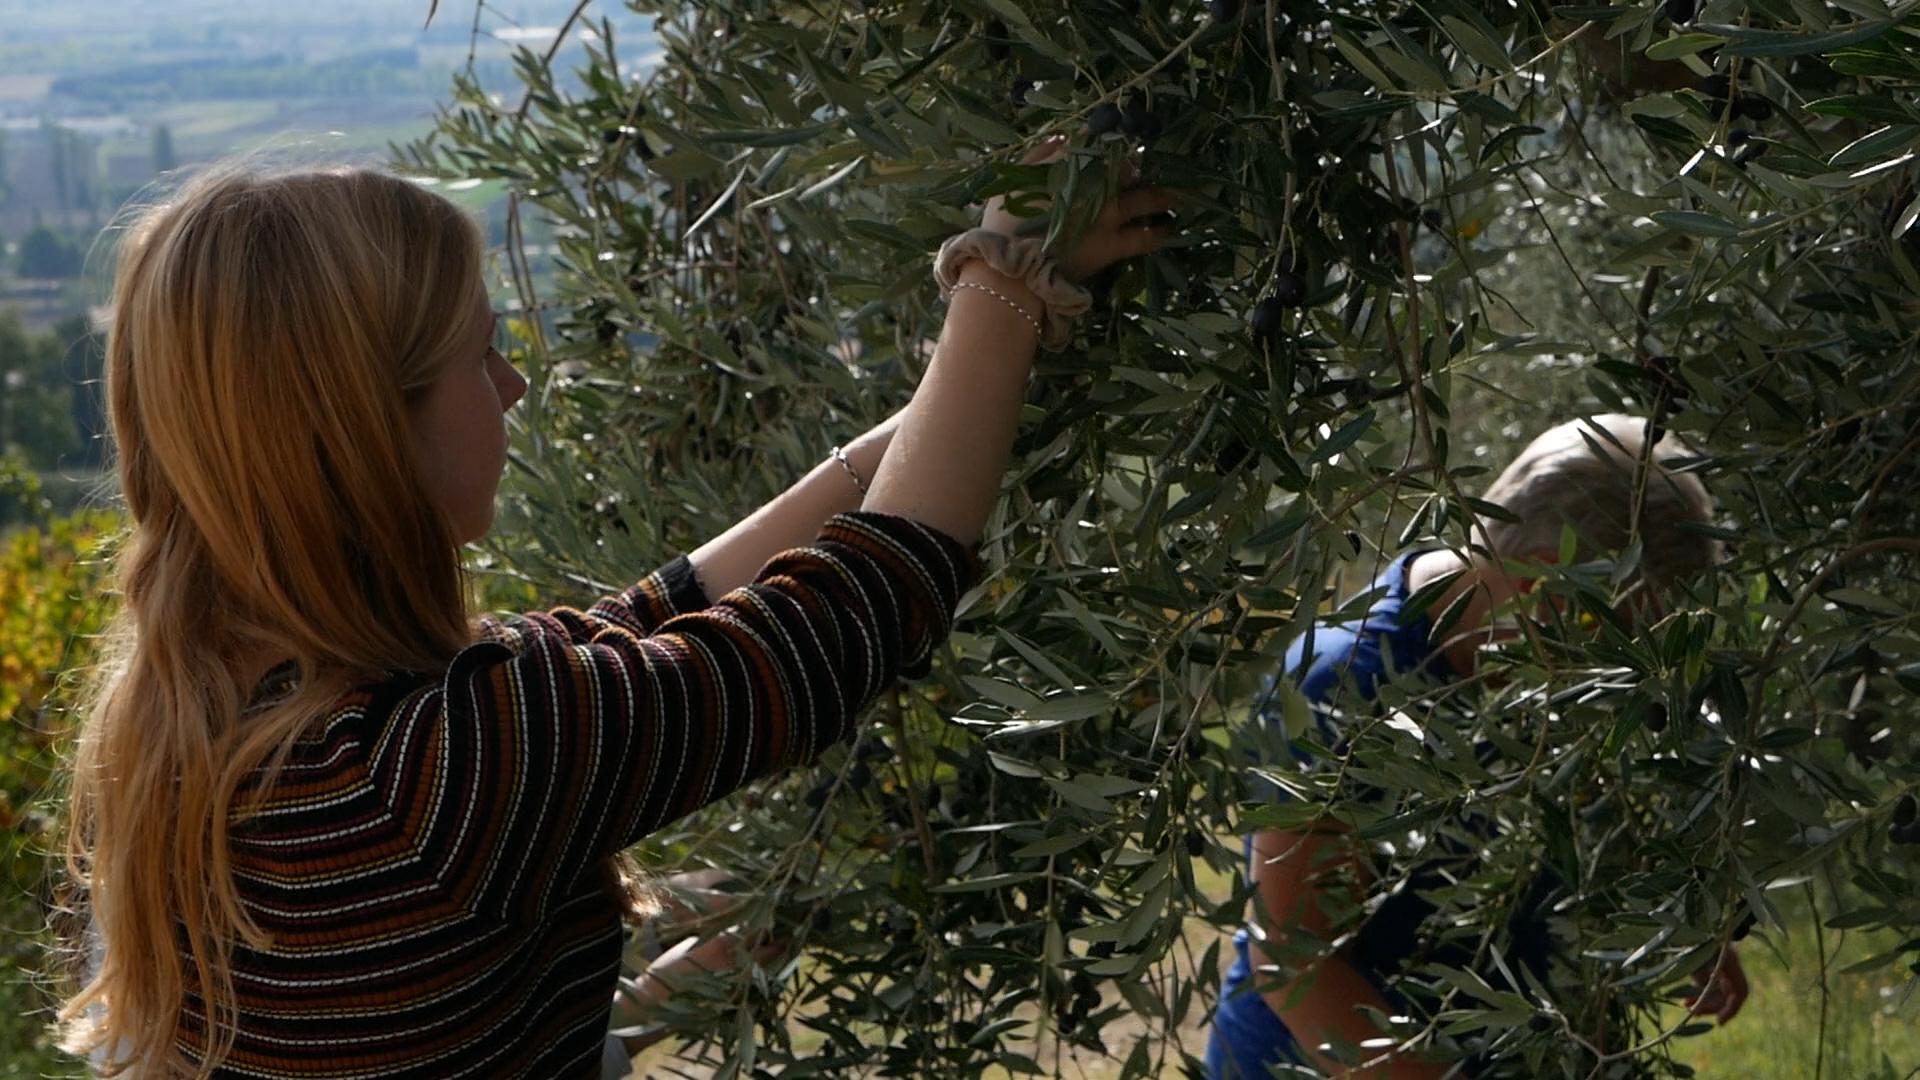 Esperienza sensoriale Assisi Tili Vini - Raccogliamo le olive insieme 4